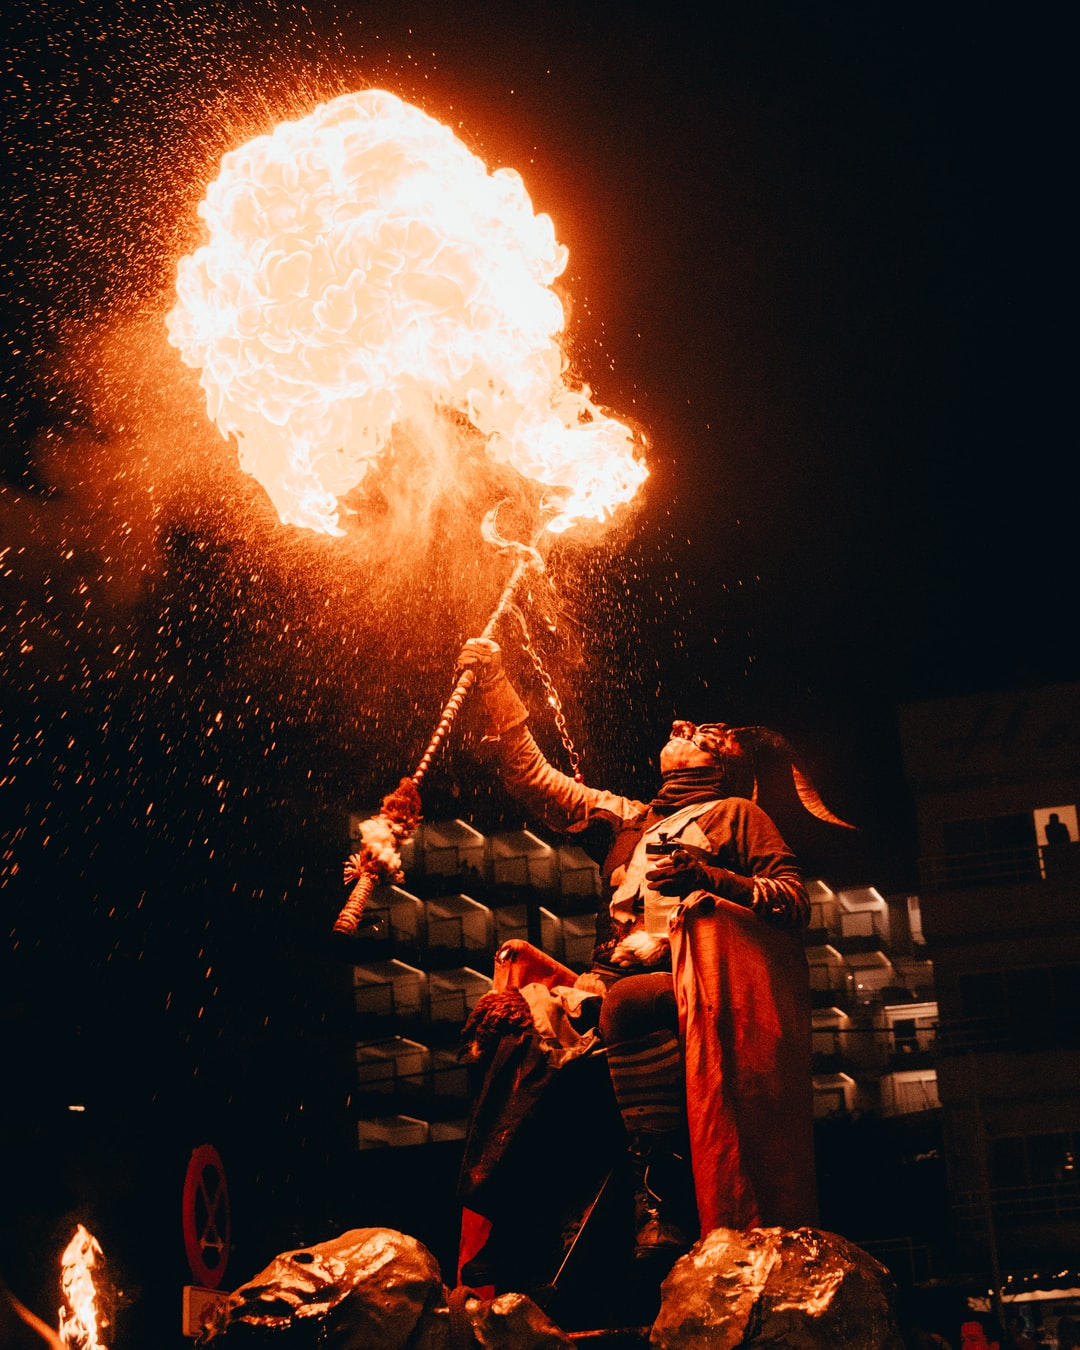 Devil spitting fire